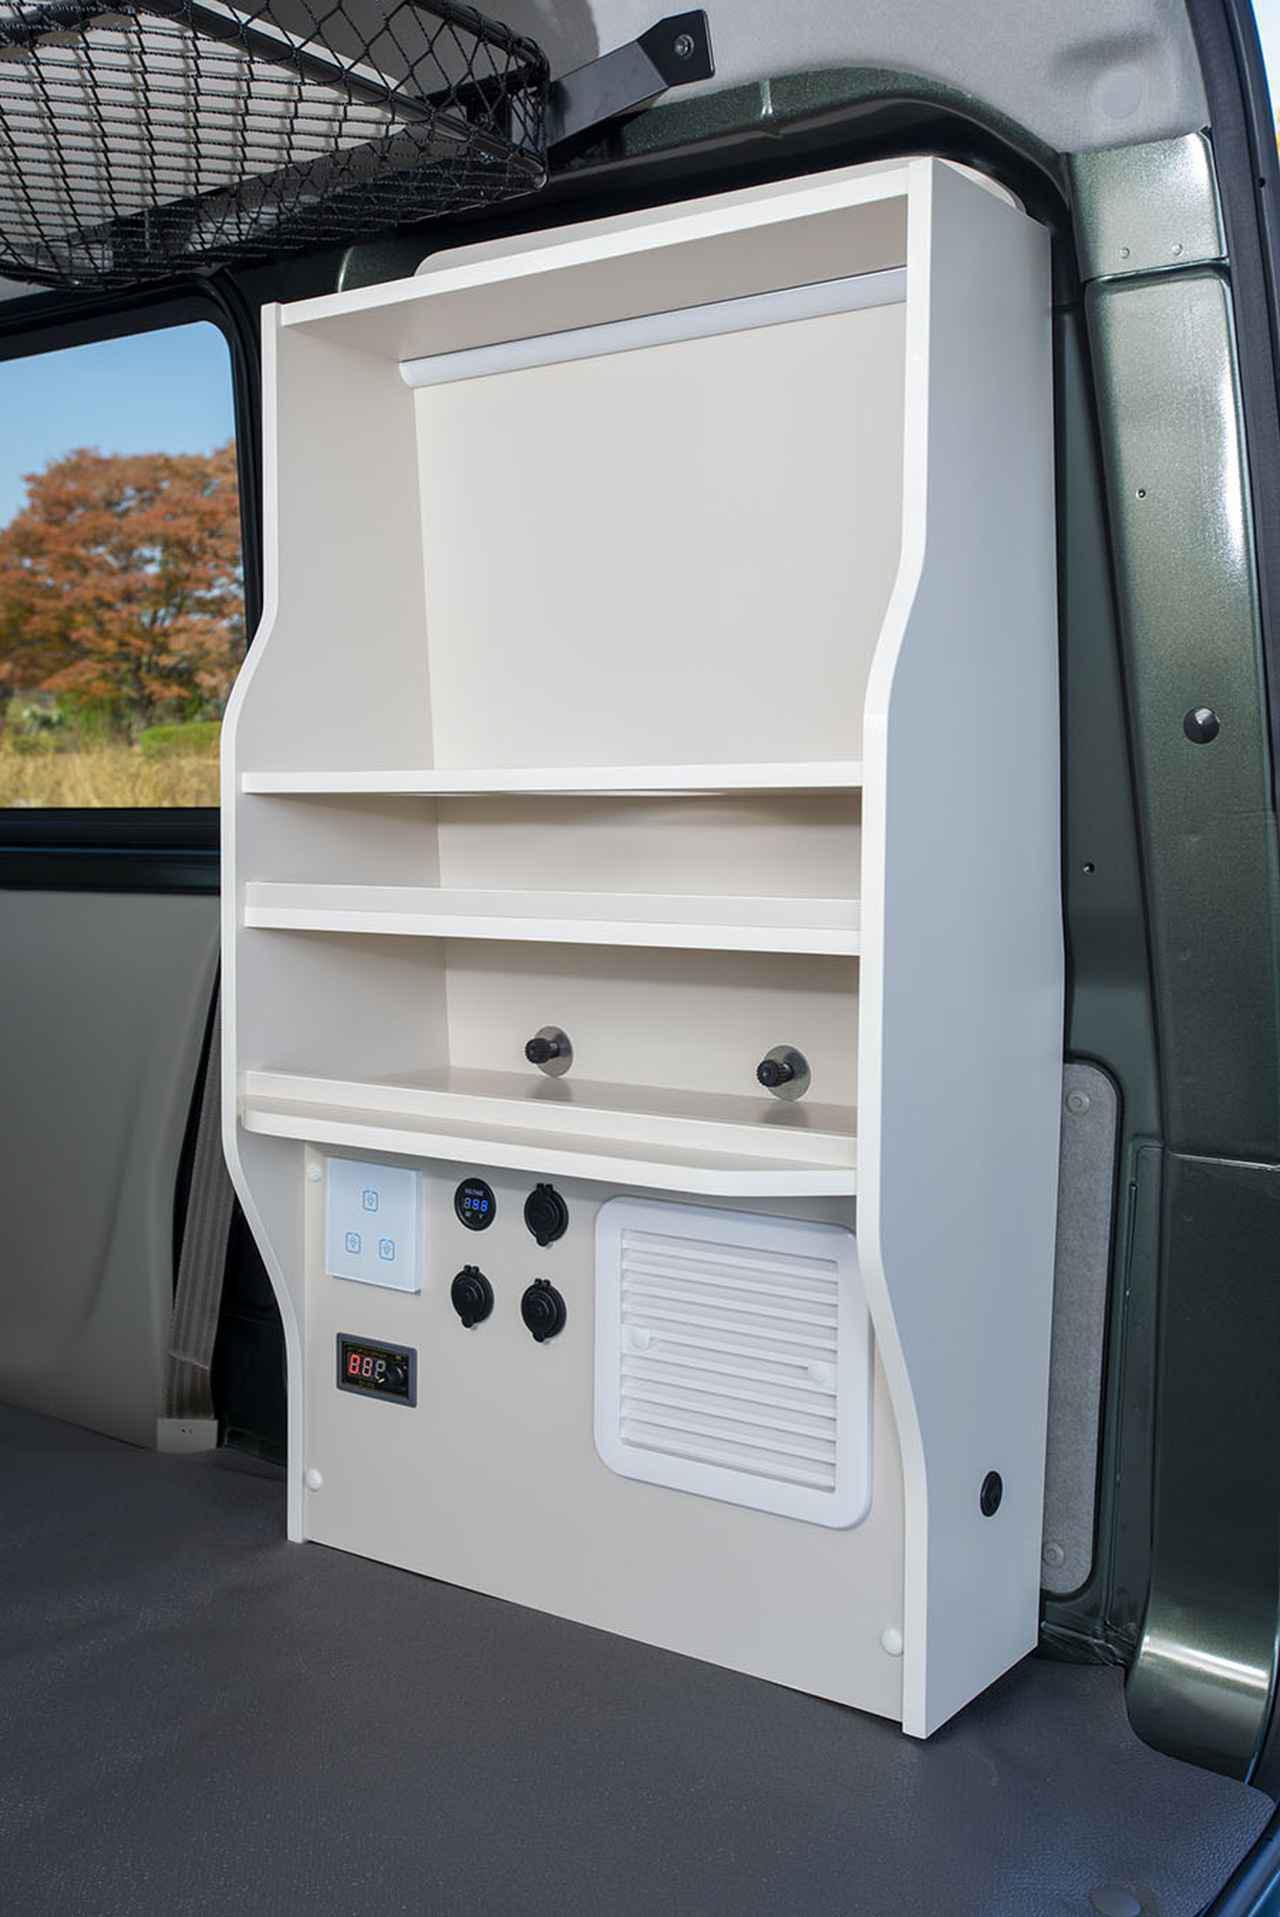 画像: 右側の棚にはDC12Vシガーソケットのほか電装システムと車内空調用の換気扇が装備されている。